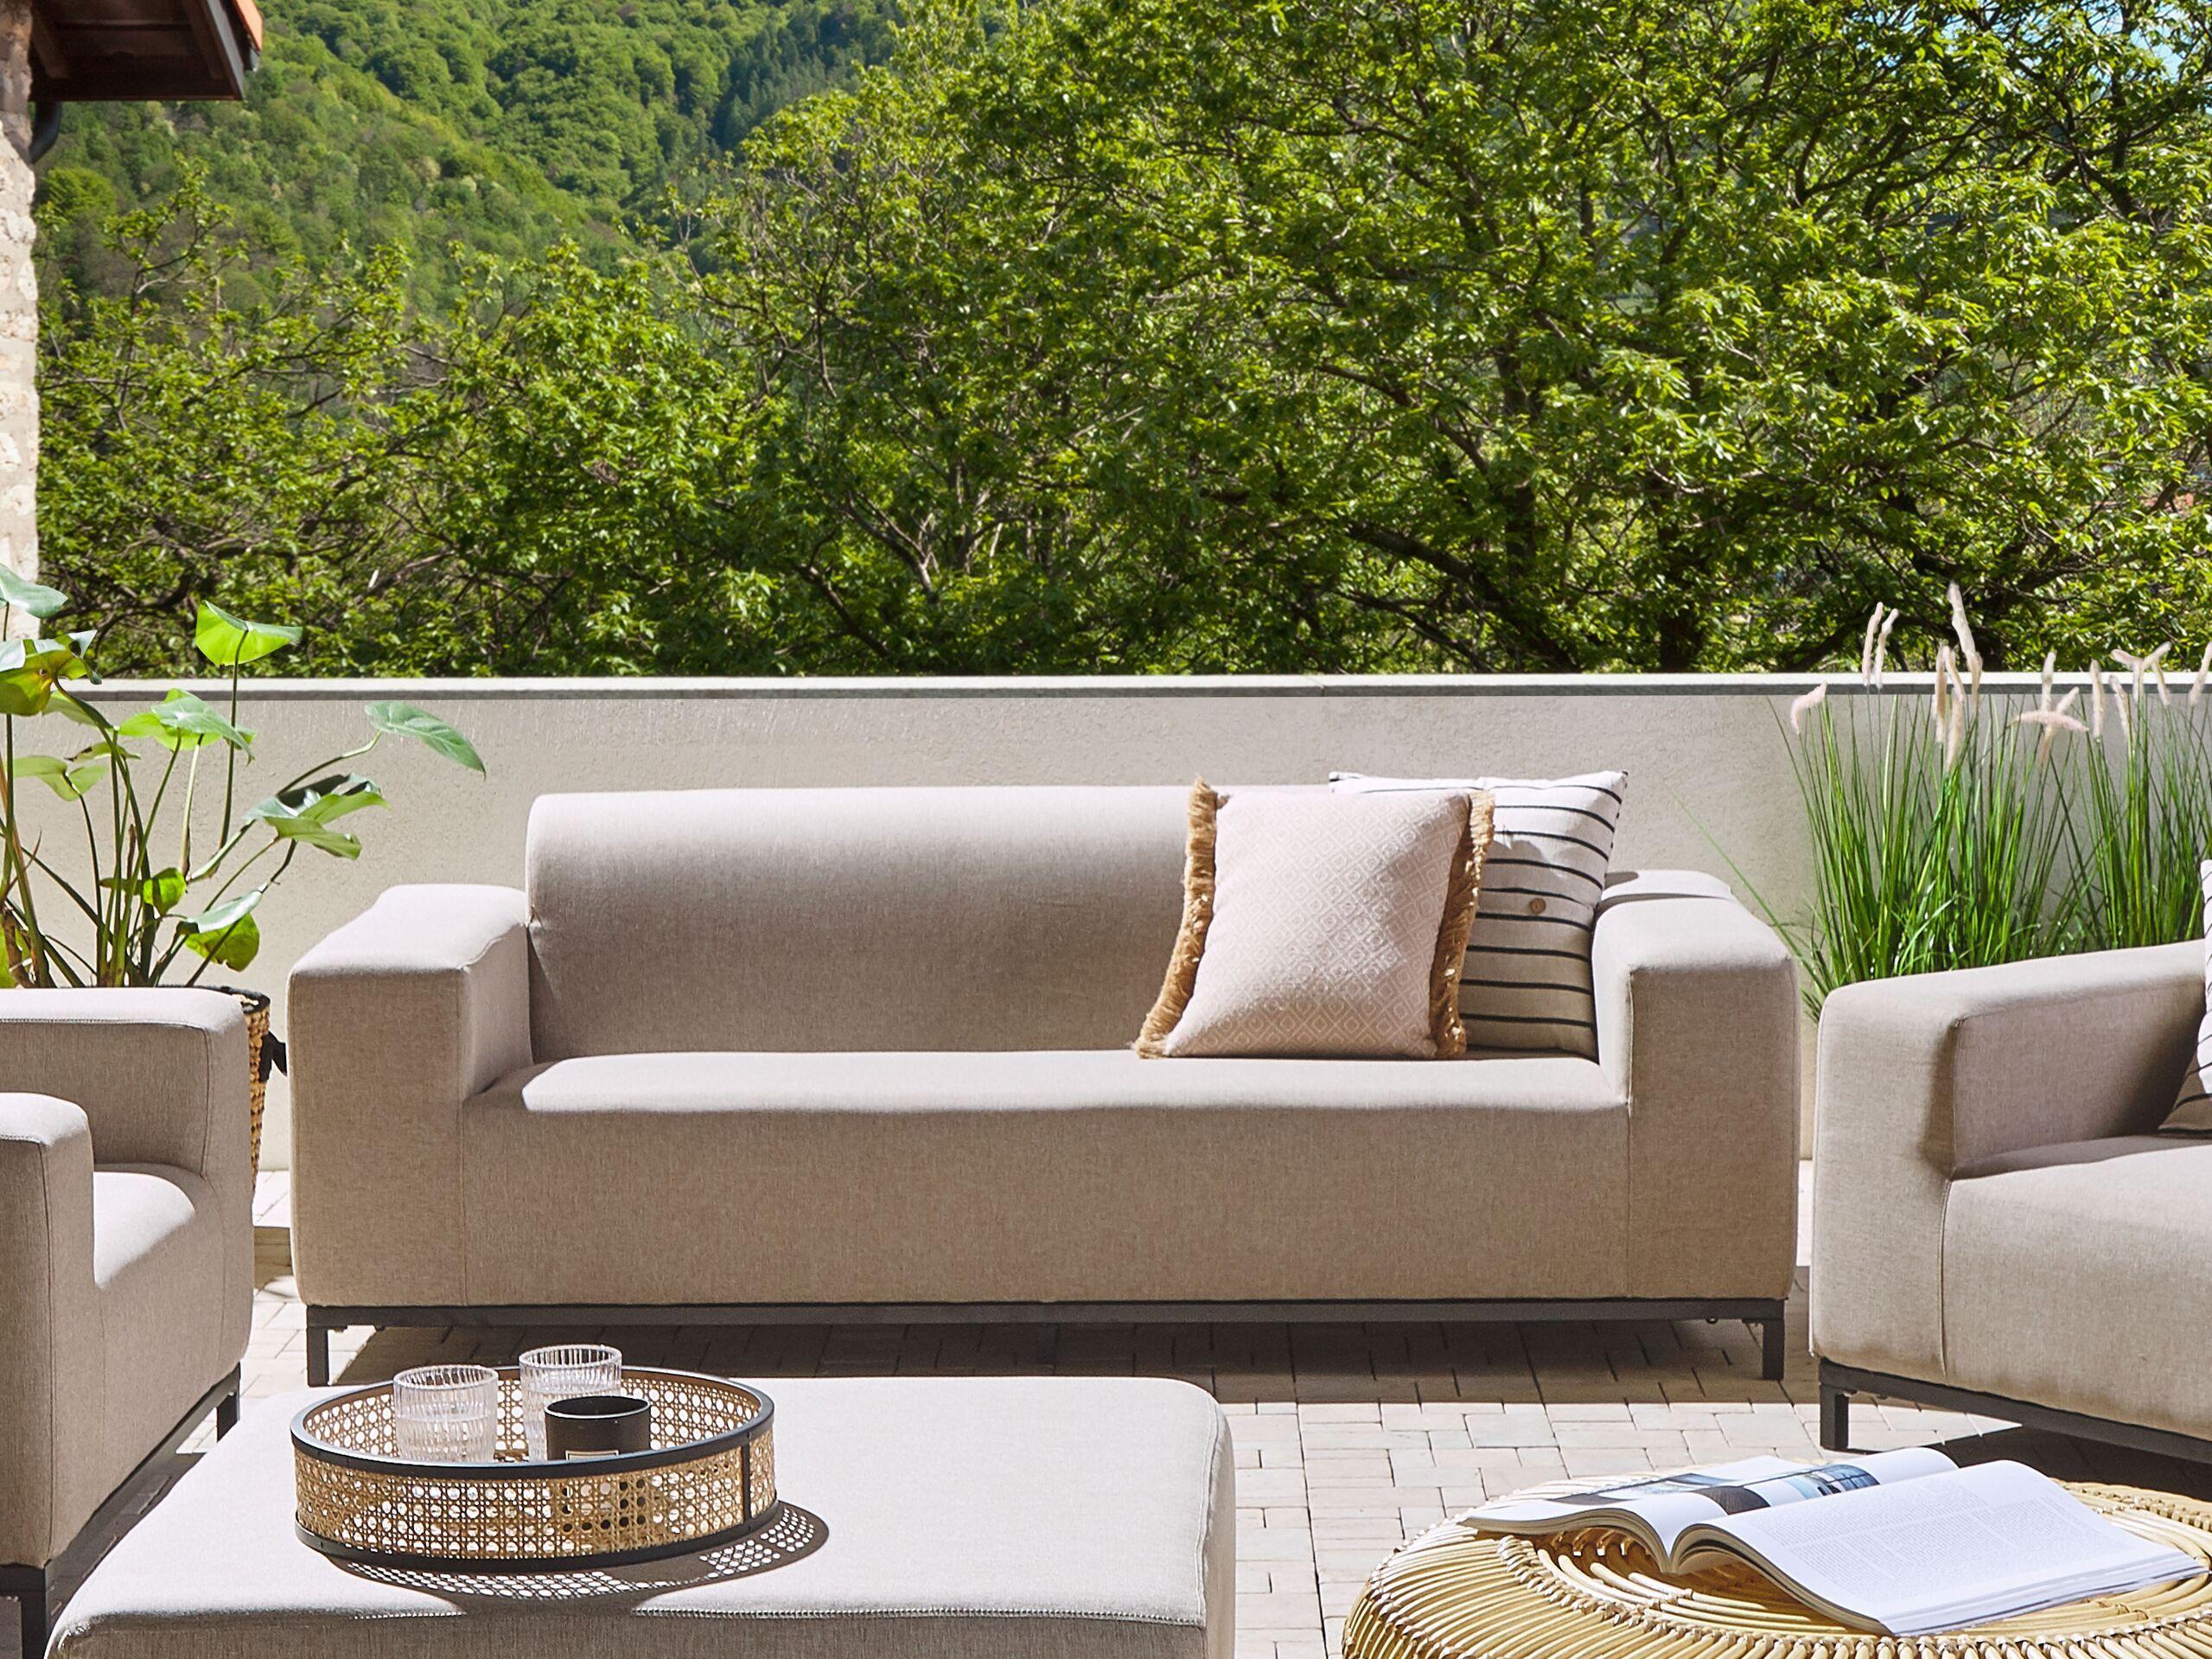 beliani divano in tessuto beige struttura nera per interni ed esterni moderno